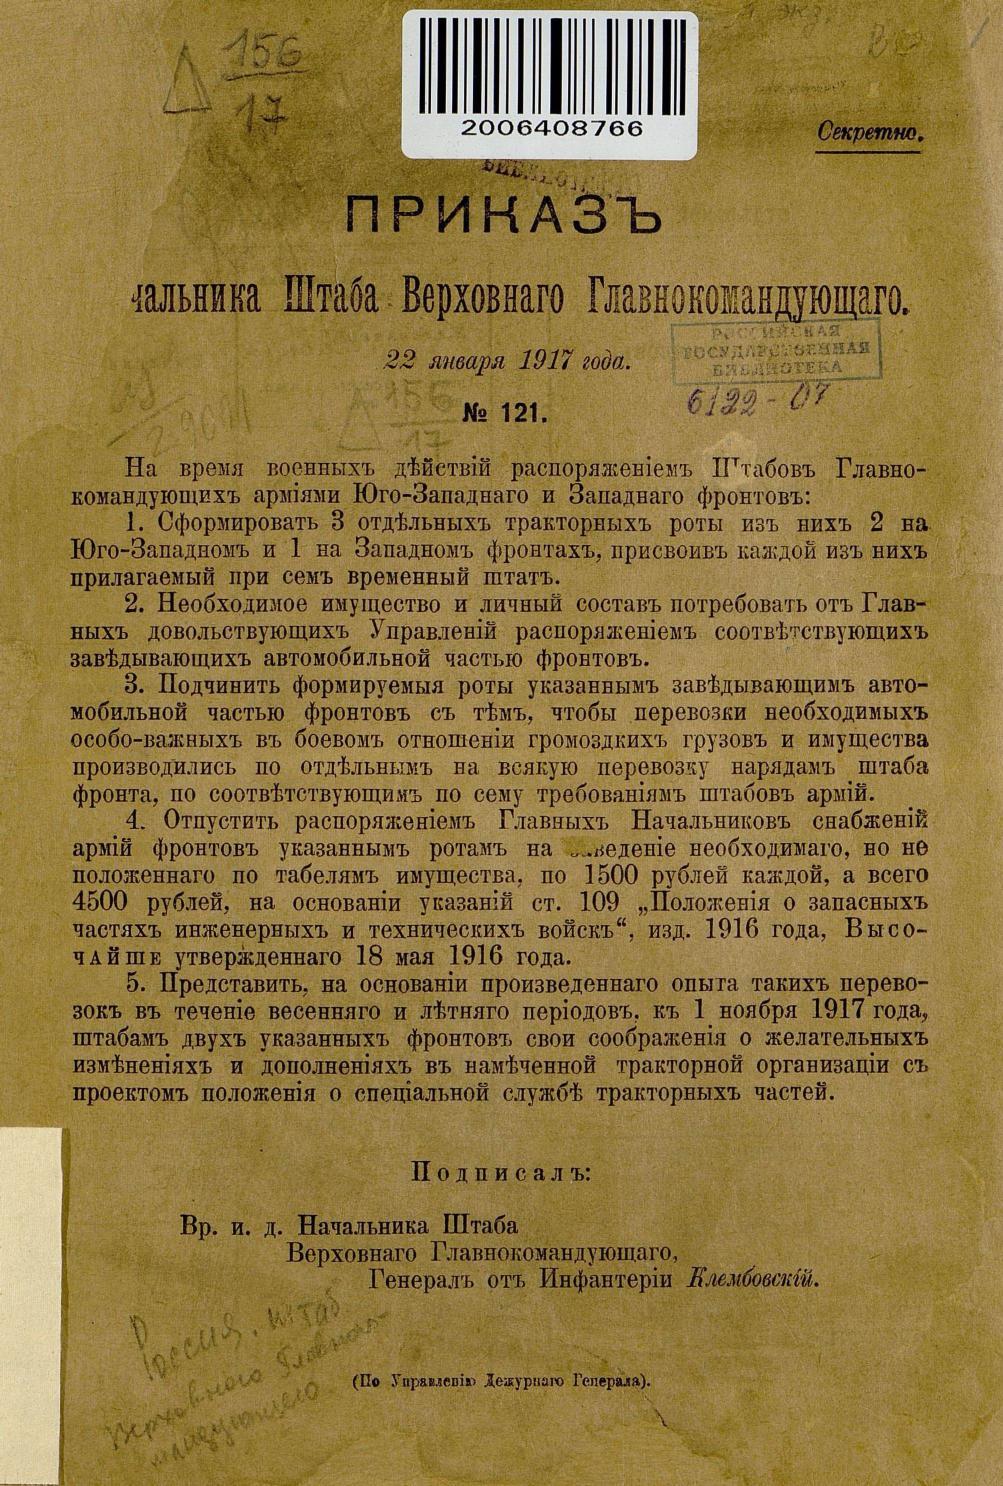 приказ НШ Верховного Главнокомандующего от 22.01.1917г.